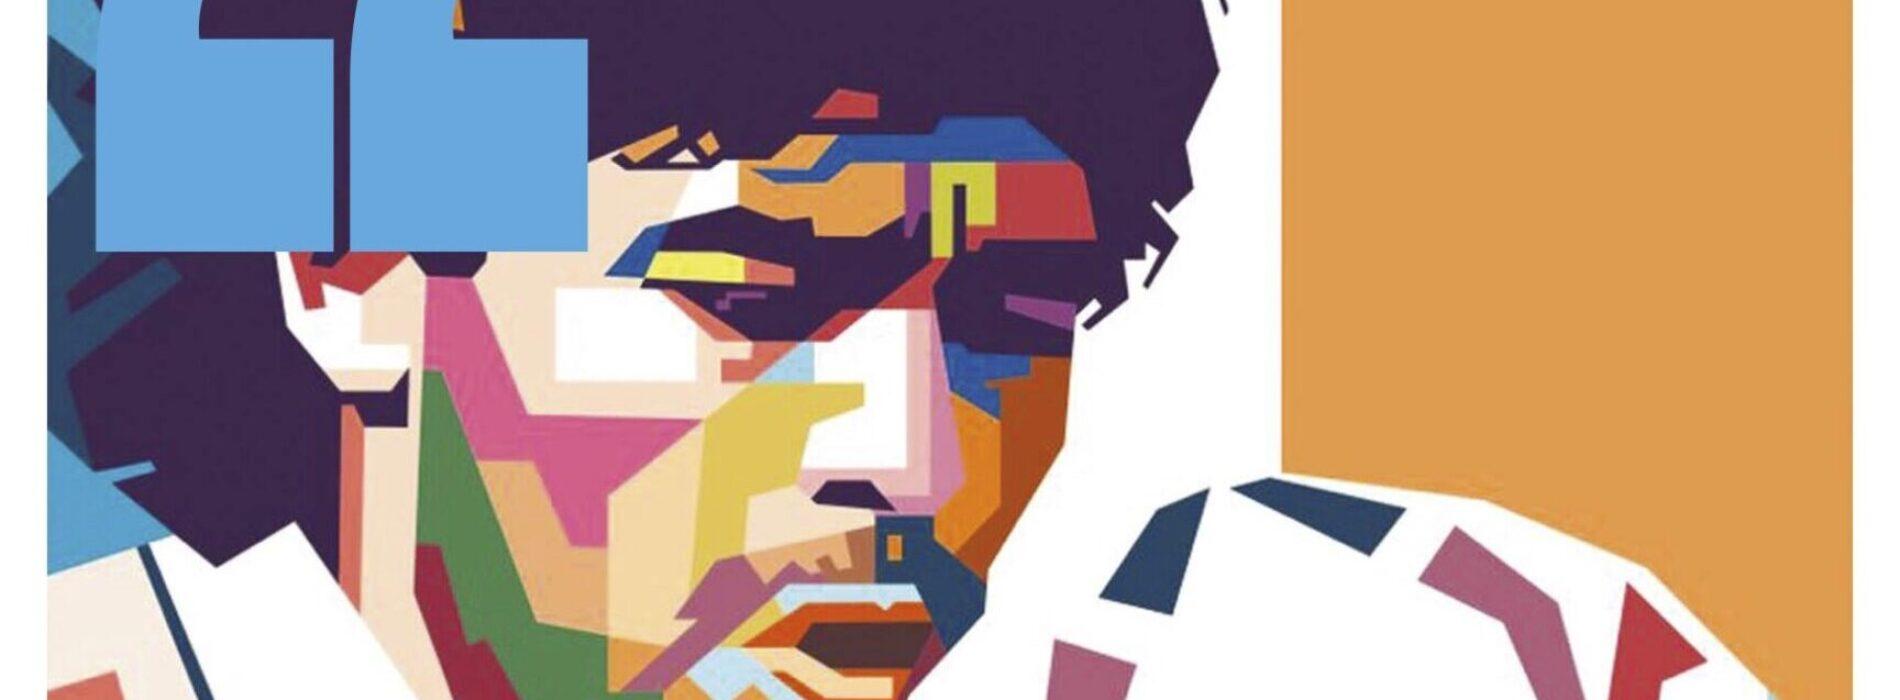 Ateneo Vanvitelli, ma gli studenti cosa pensano di Maradona?